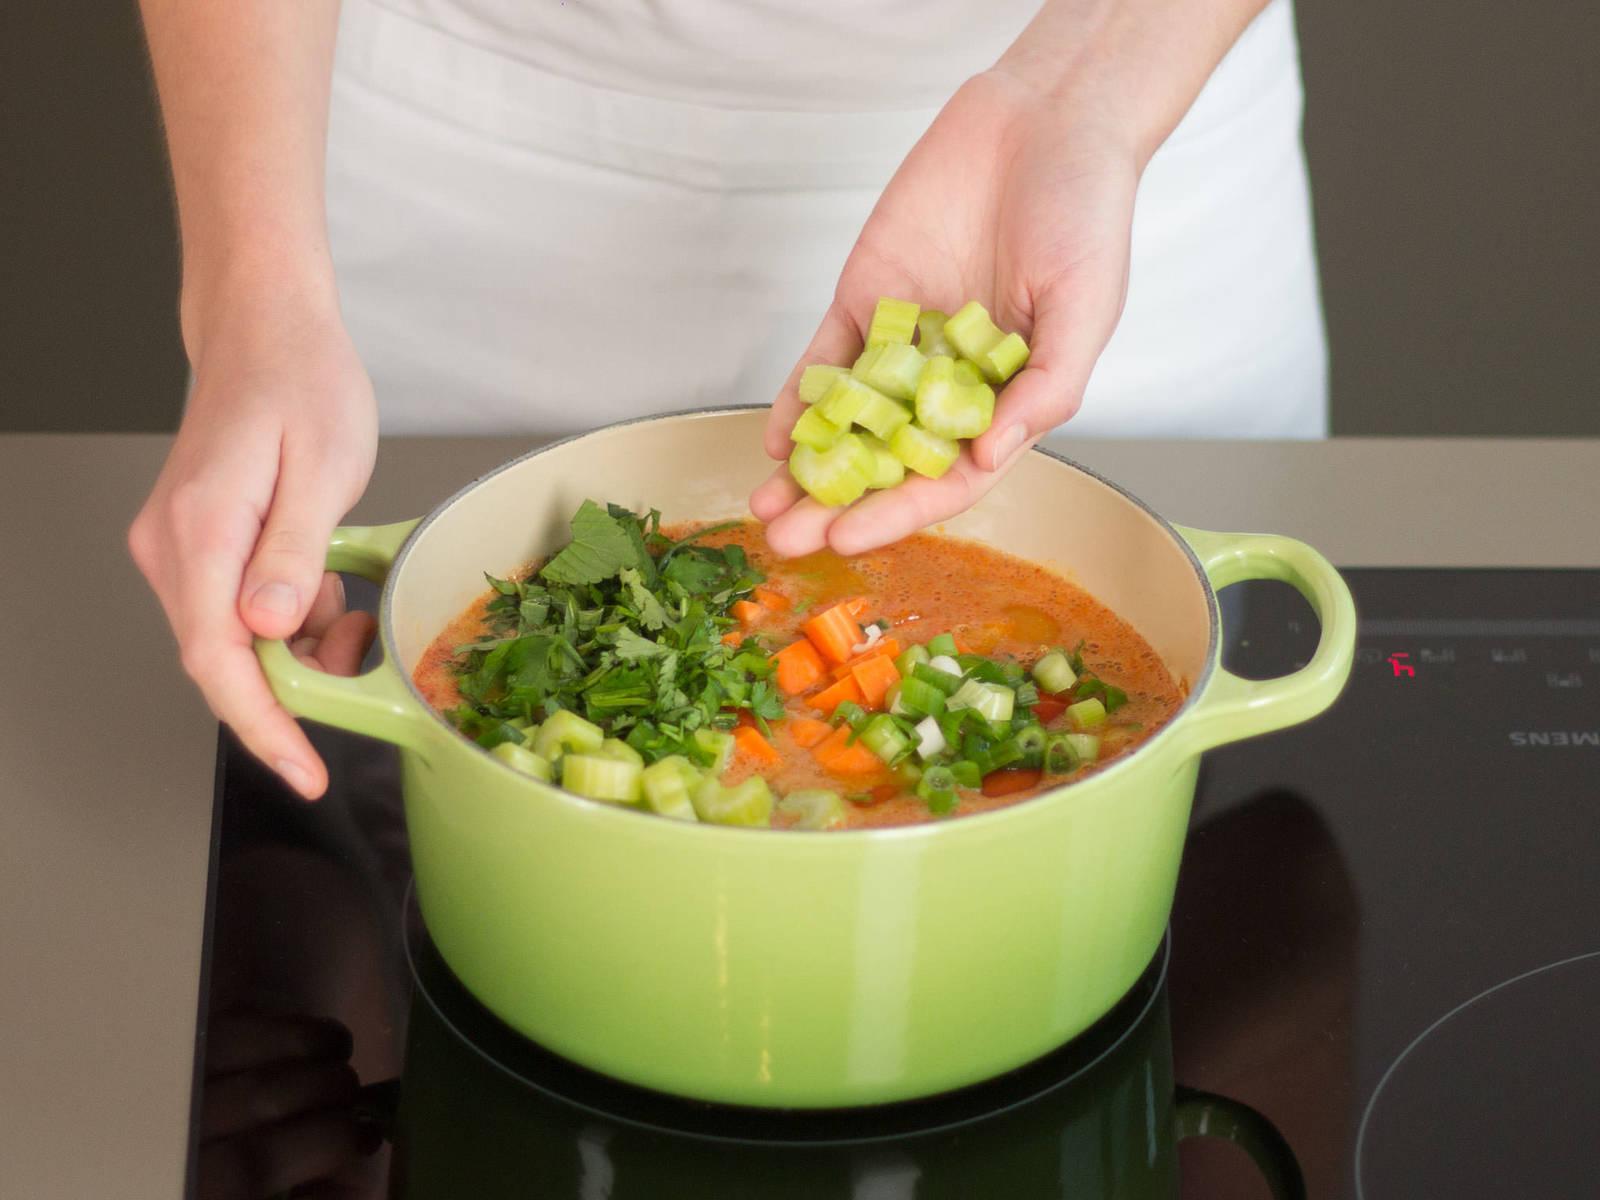 向浓汤中加入樱桃番茄、胡萝卜、小葱、洋葱、香菜、薄荷与芹菜,用盐与胡椒粉调味。煨3-5分钟,至蔬菜有嚼劲。可搭配鲜奶油或大豆酸奶(素食者)享用!